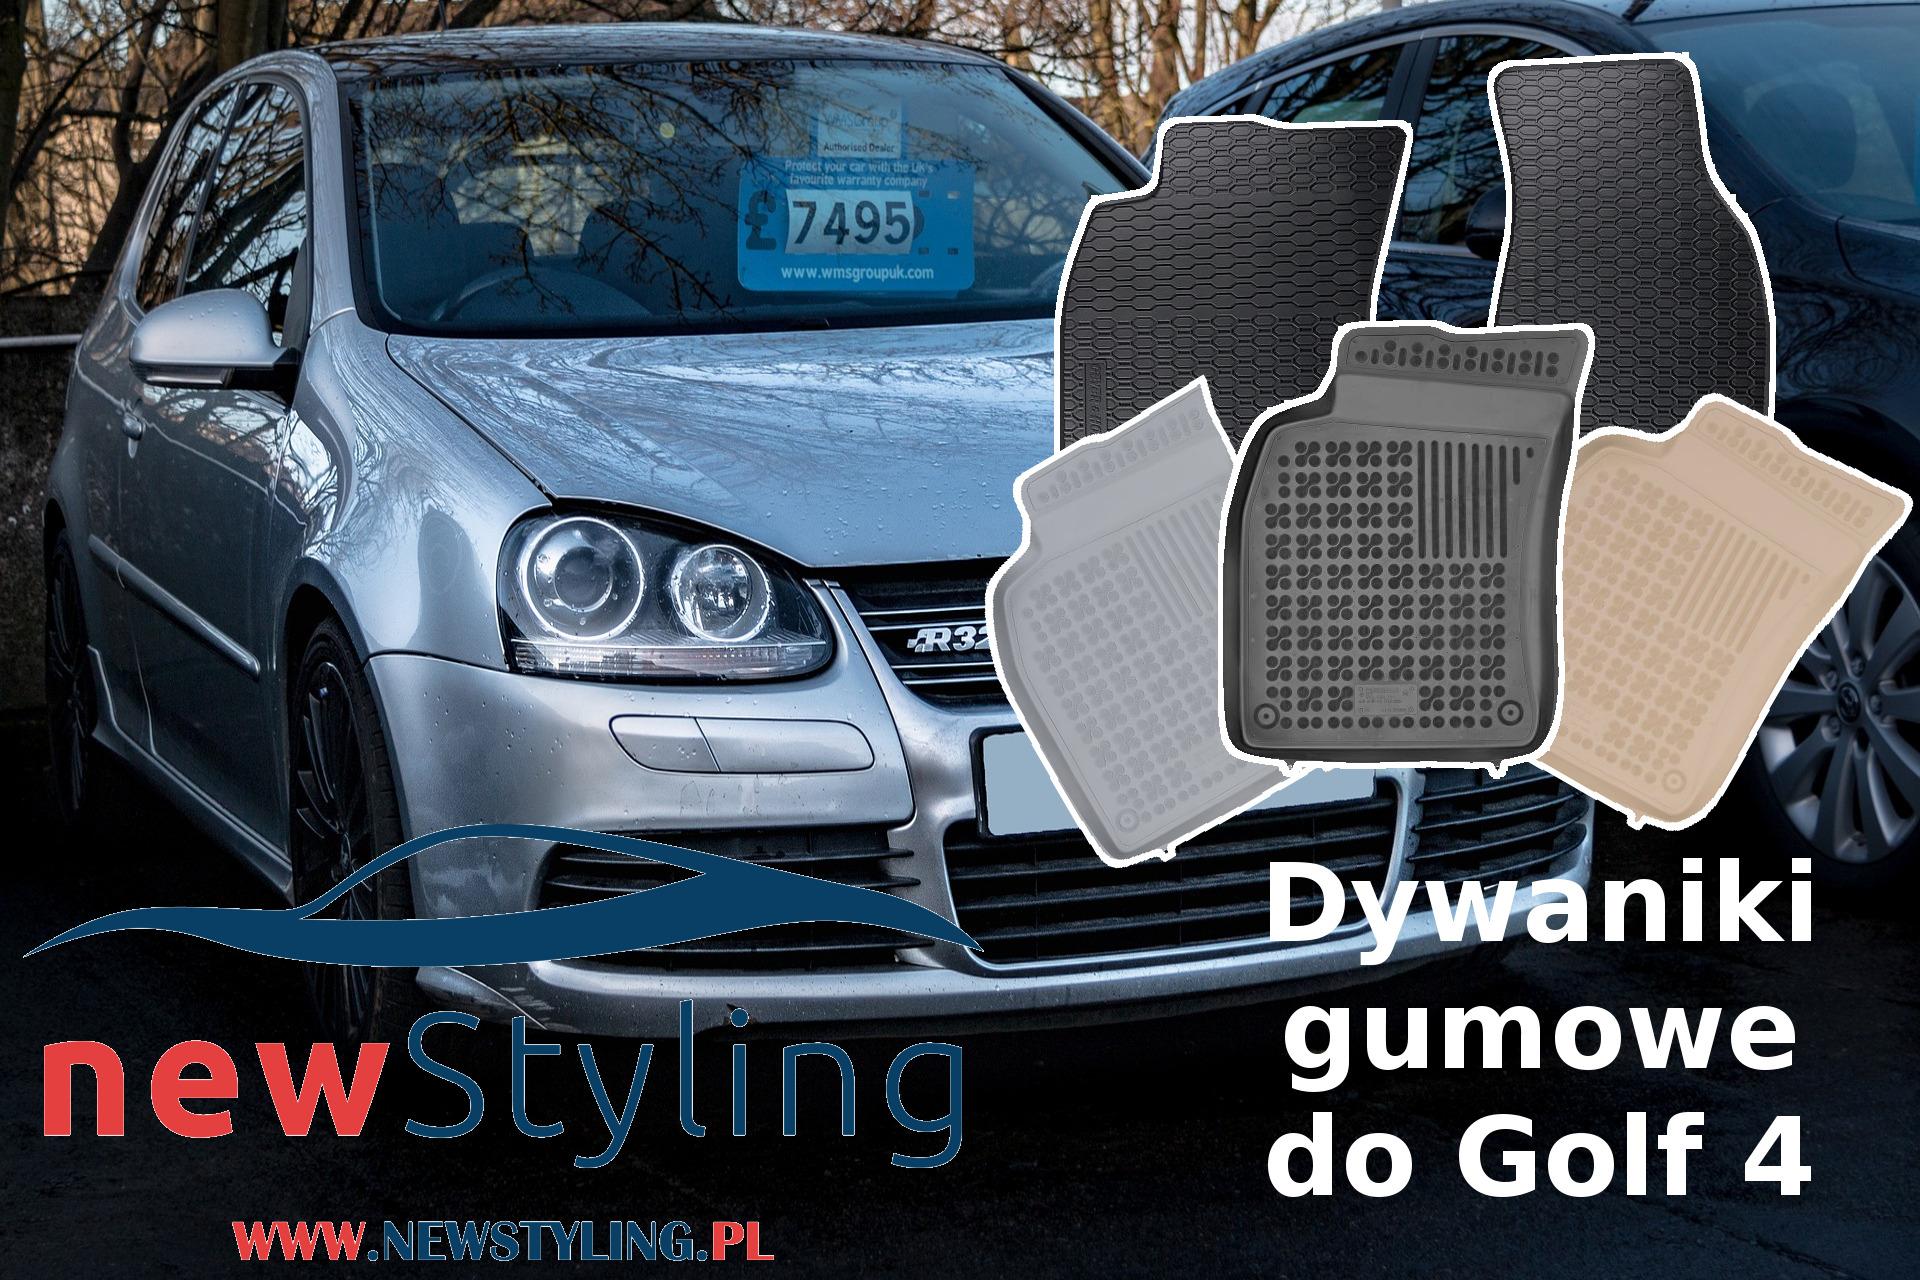 dywaniki gumowe Golf 4 dywaniki samochodowe dywaniki gumowe